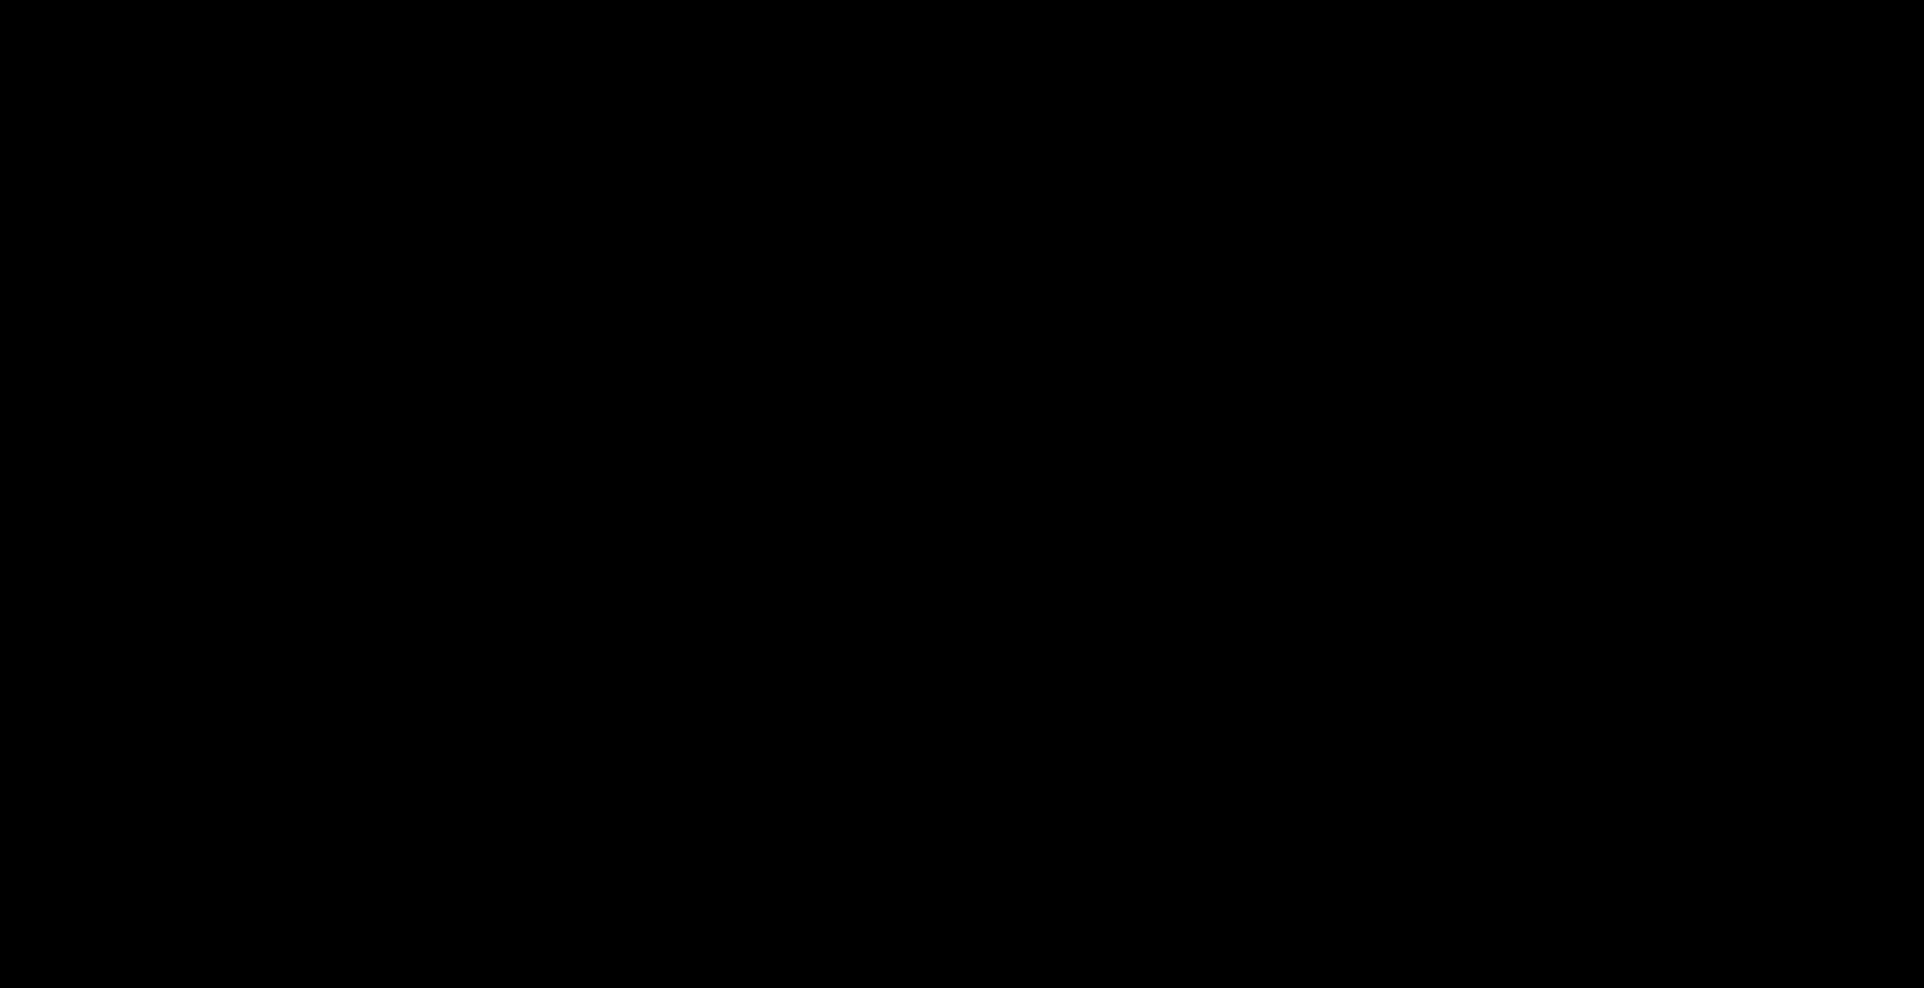 N-(4-Dansylamino)butyl-1- adamantane carboxamide